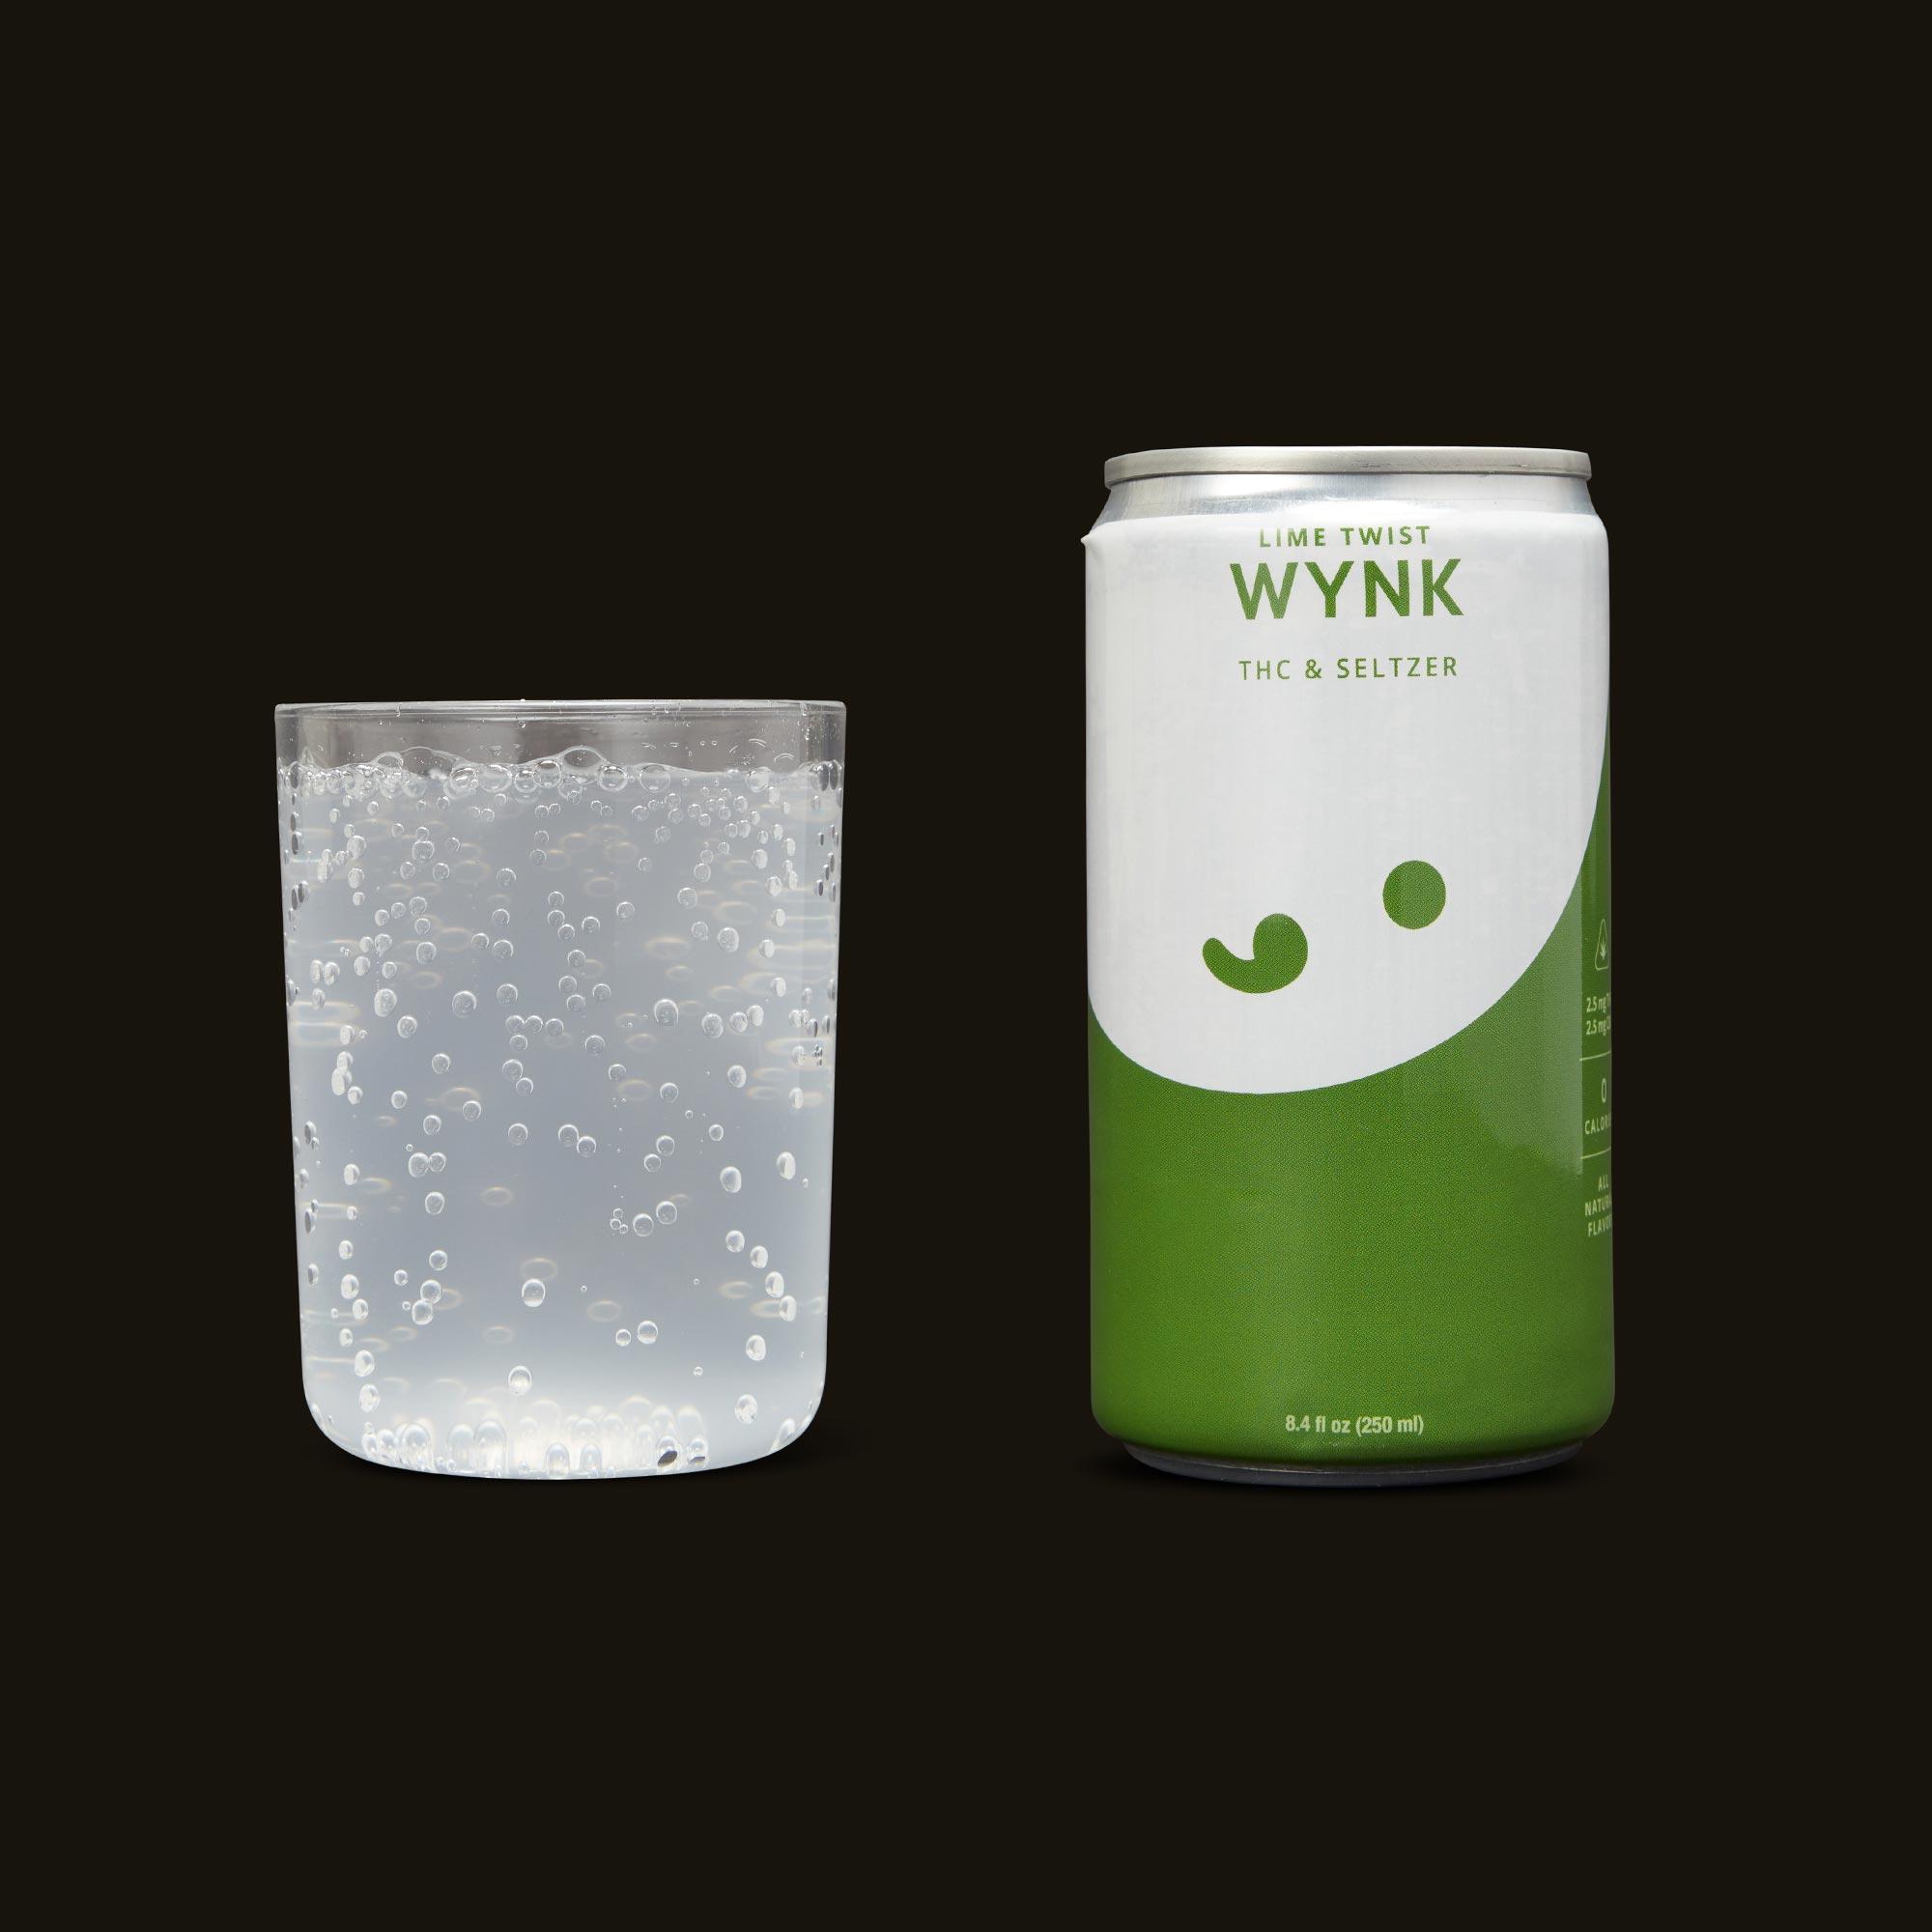 Wynk Lime Twist Seltzer